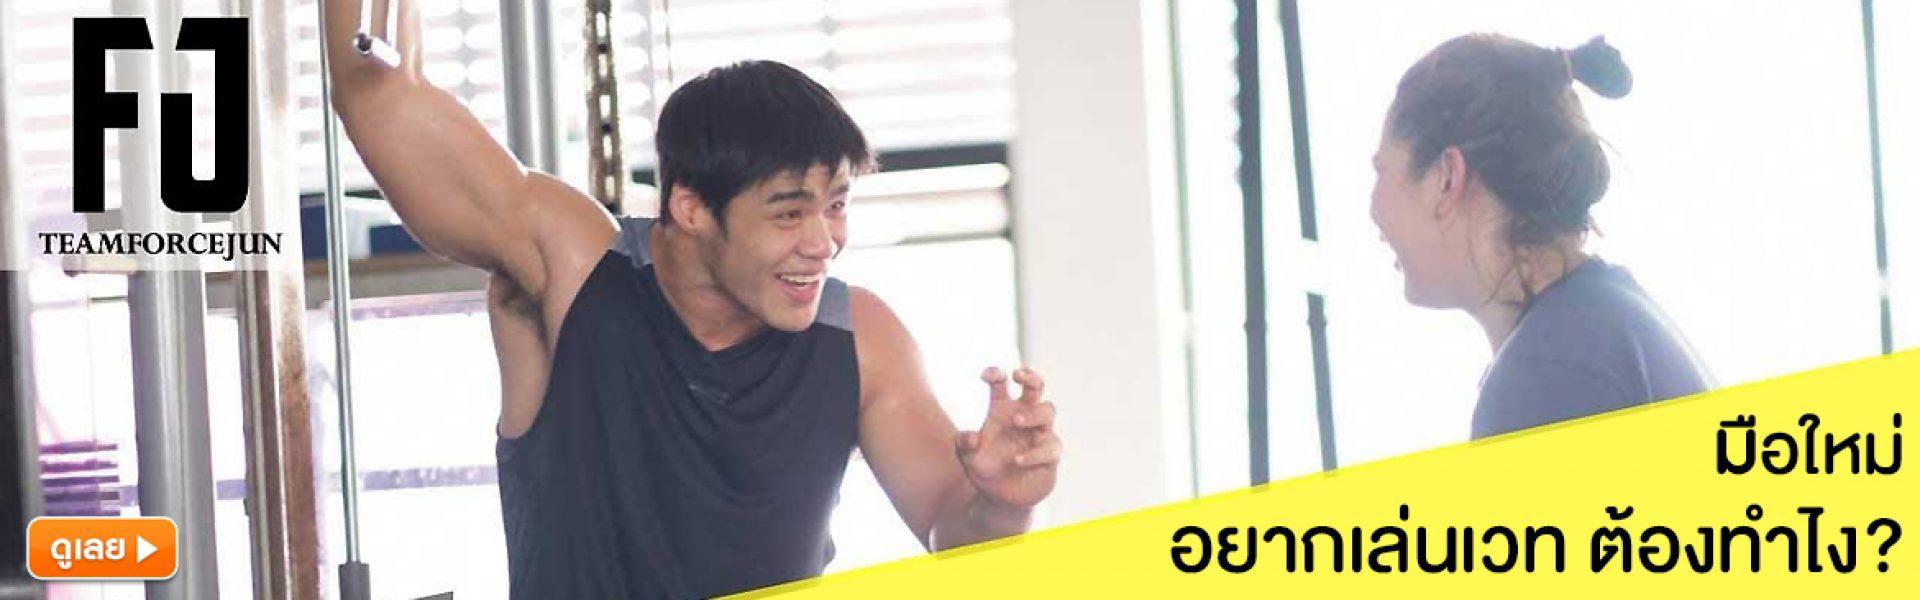 มือใหม่ อยากเล่นเวท ต้องทำไง?  Workout Program EP.1 Forcejun